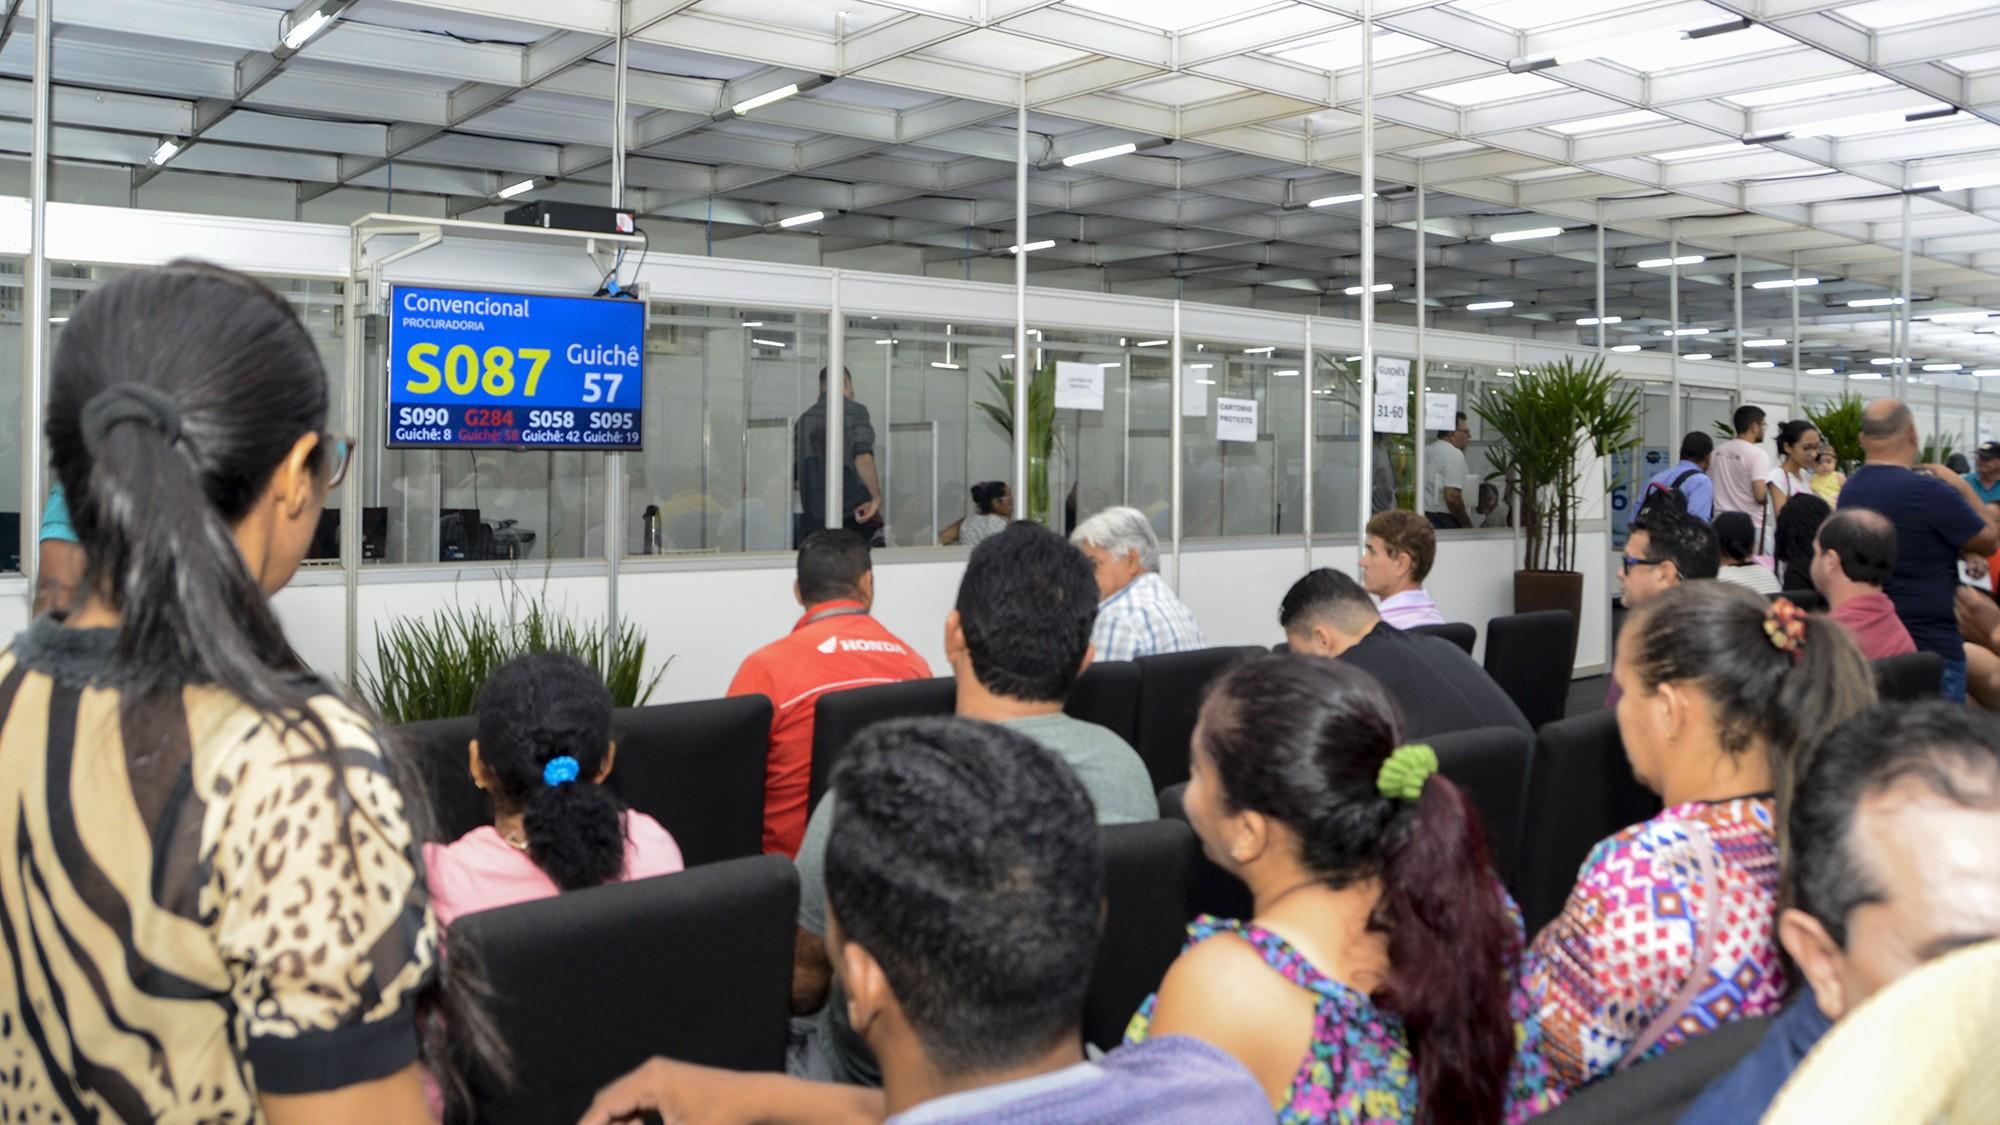 Mutirão de Negociação de Palmas é prorrogado até o fim de novembro; veja os locais de atendimento - Notícias - Plantão Diário